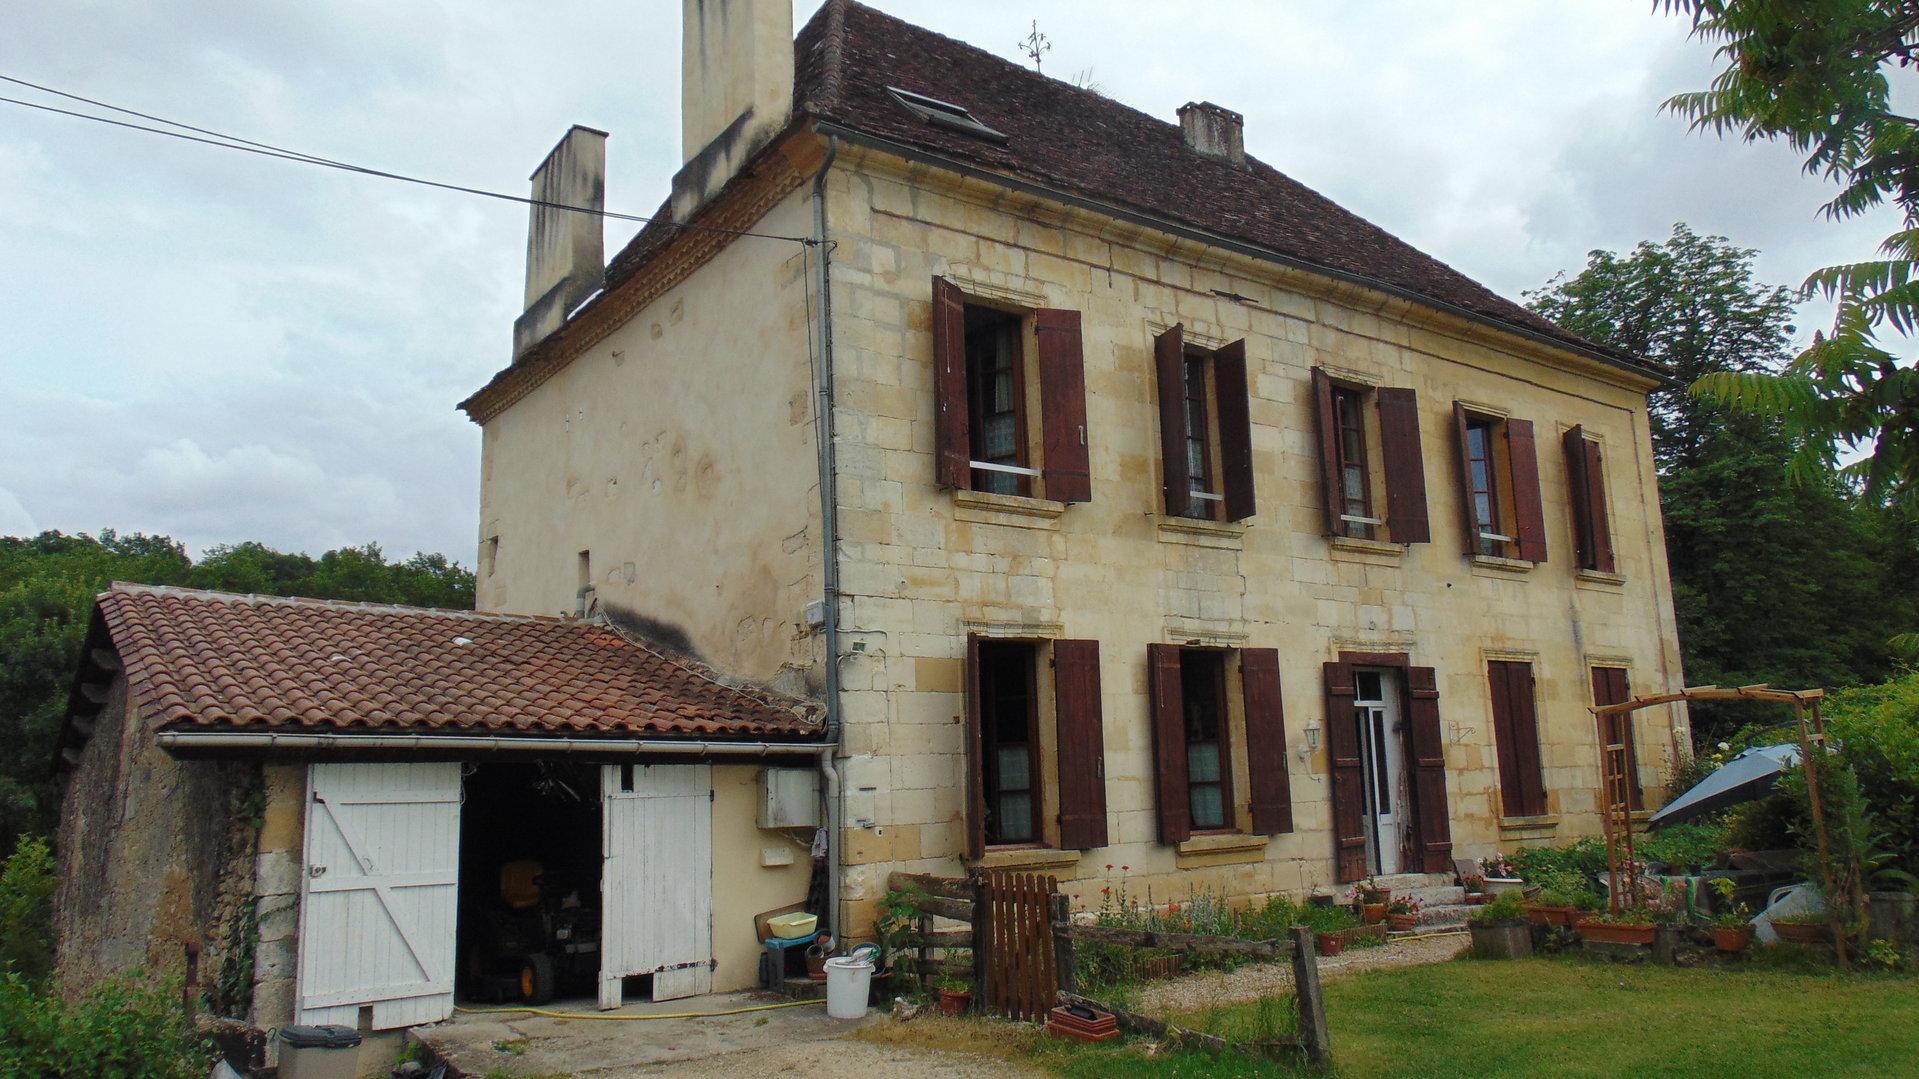 Maison bourgeoise sur 1Ha de terrain